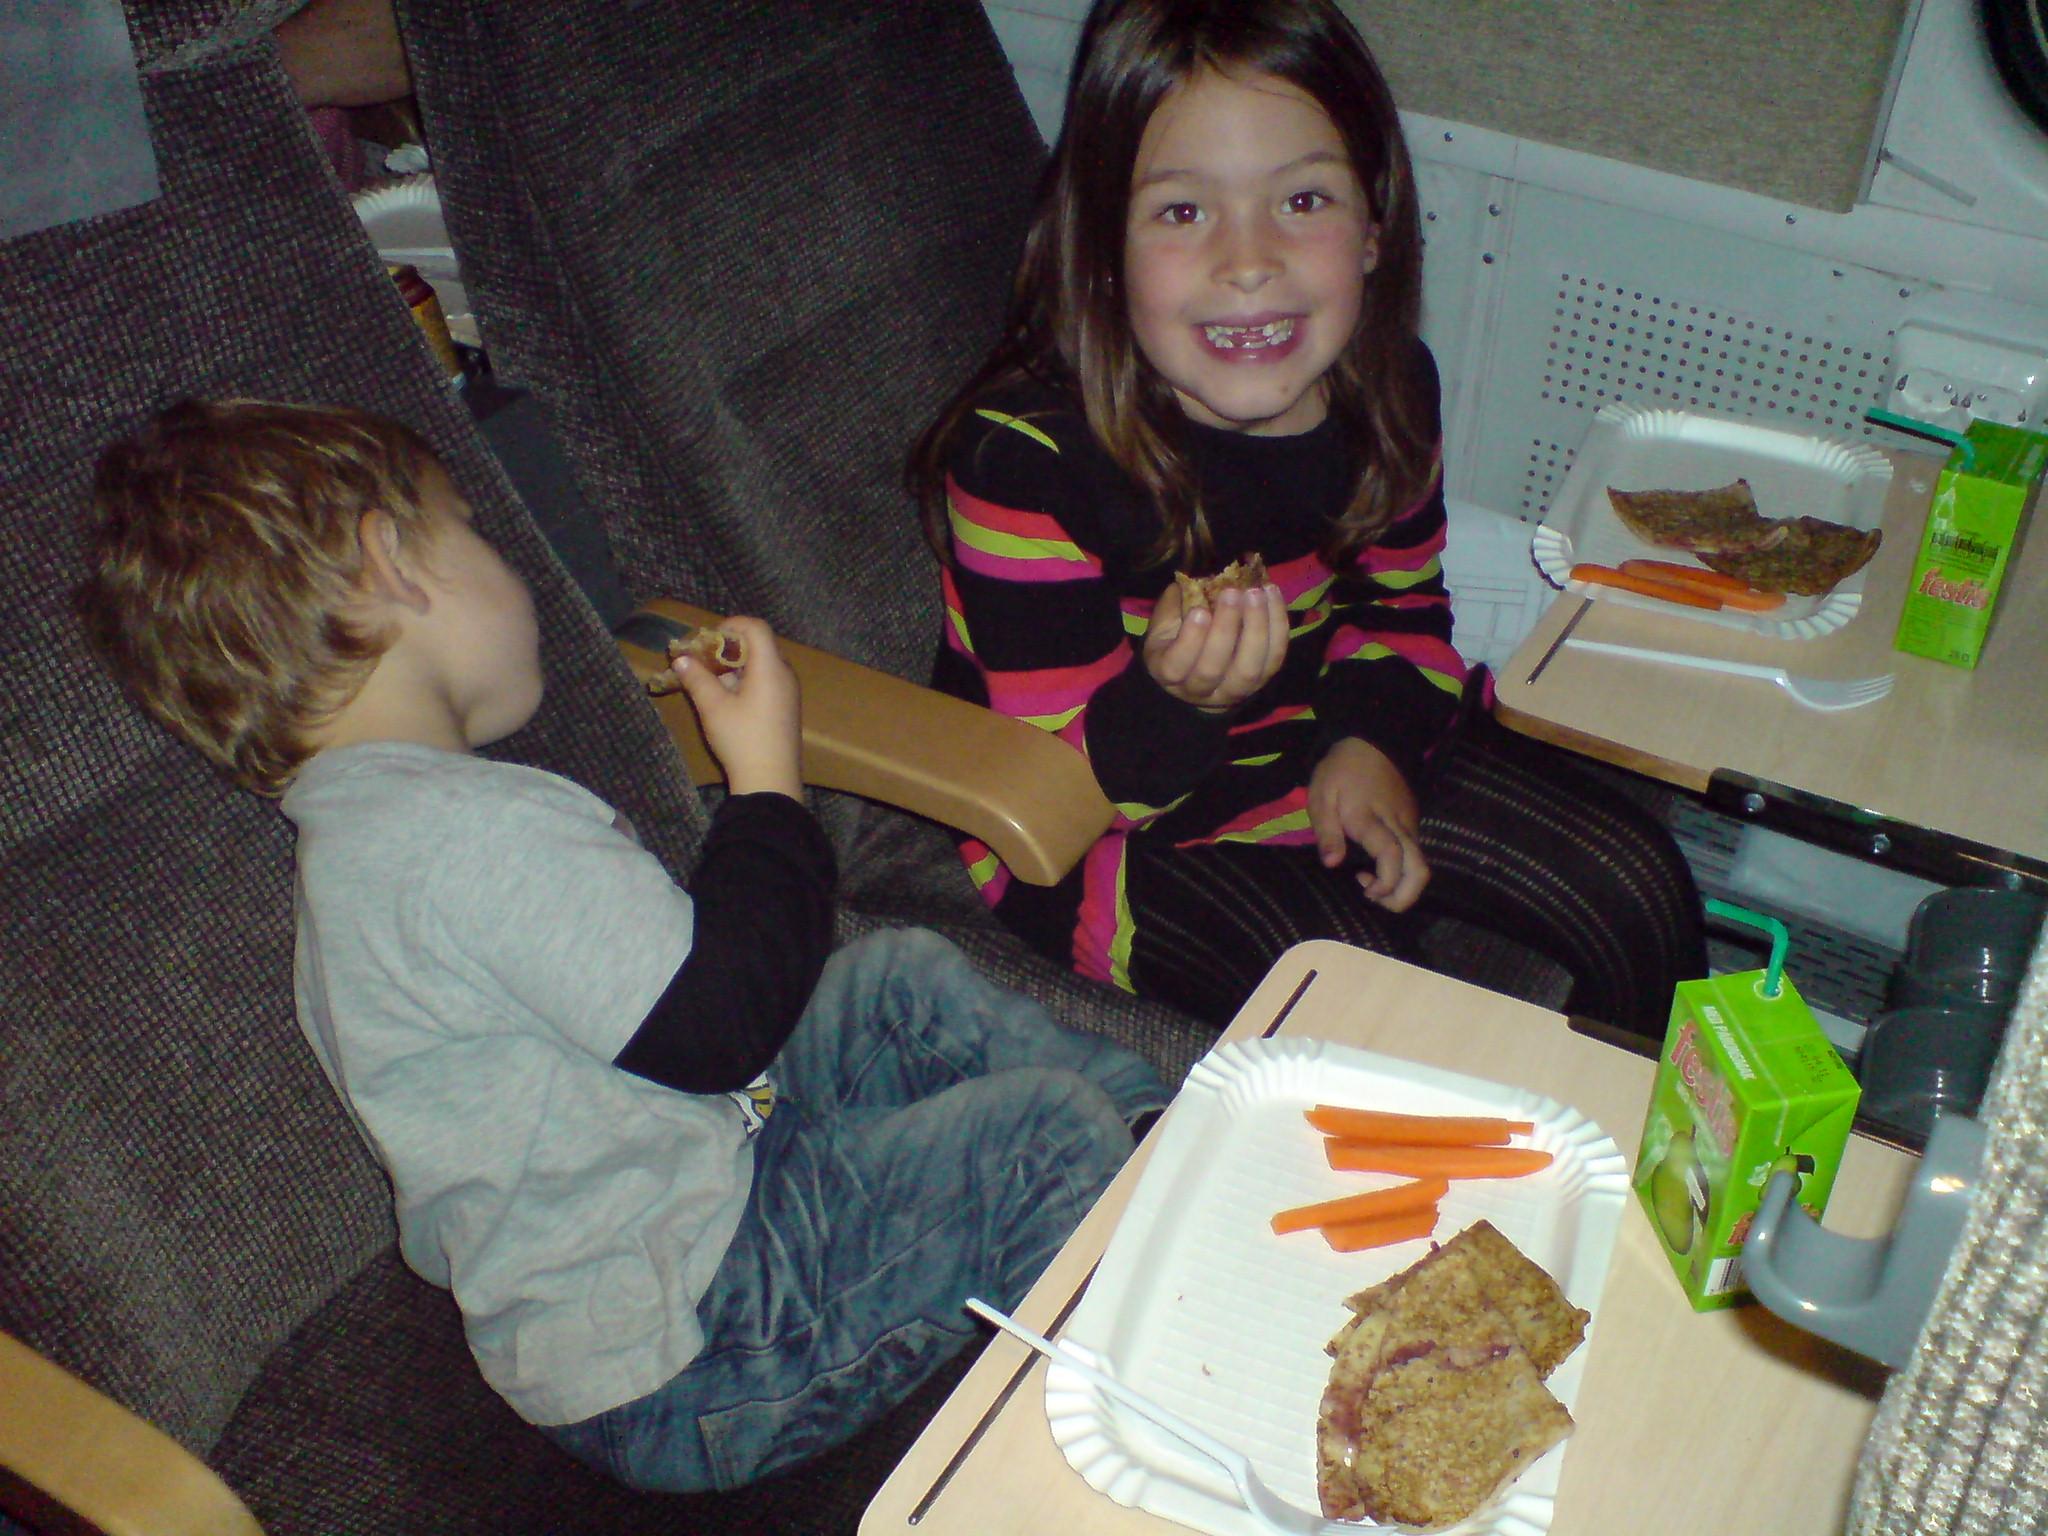 Barnen äter pannkisar och morötter